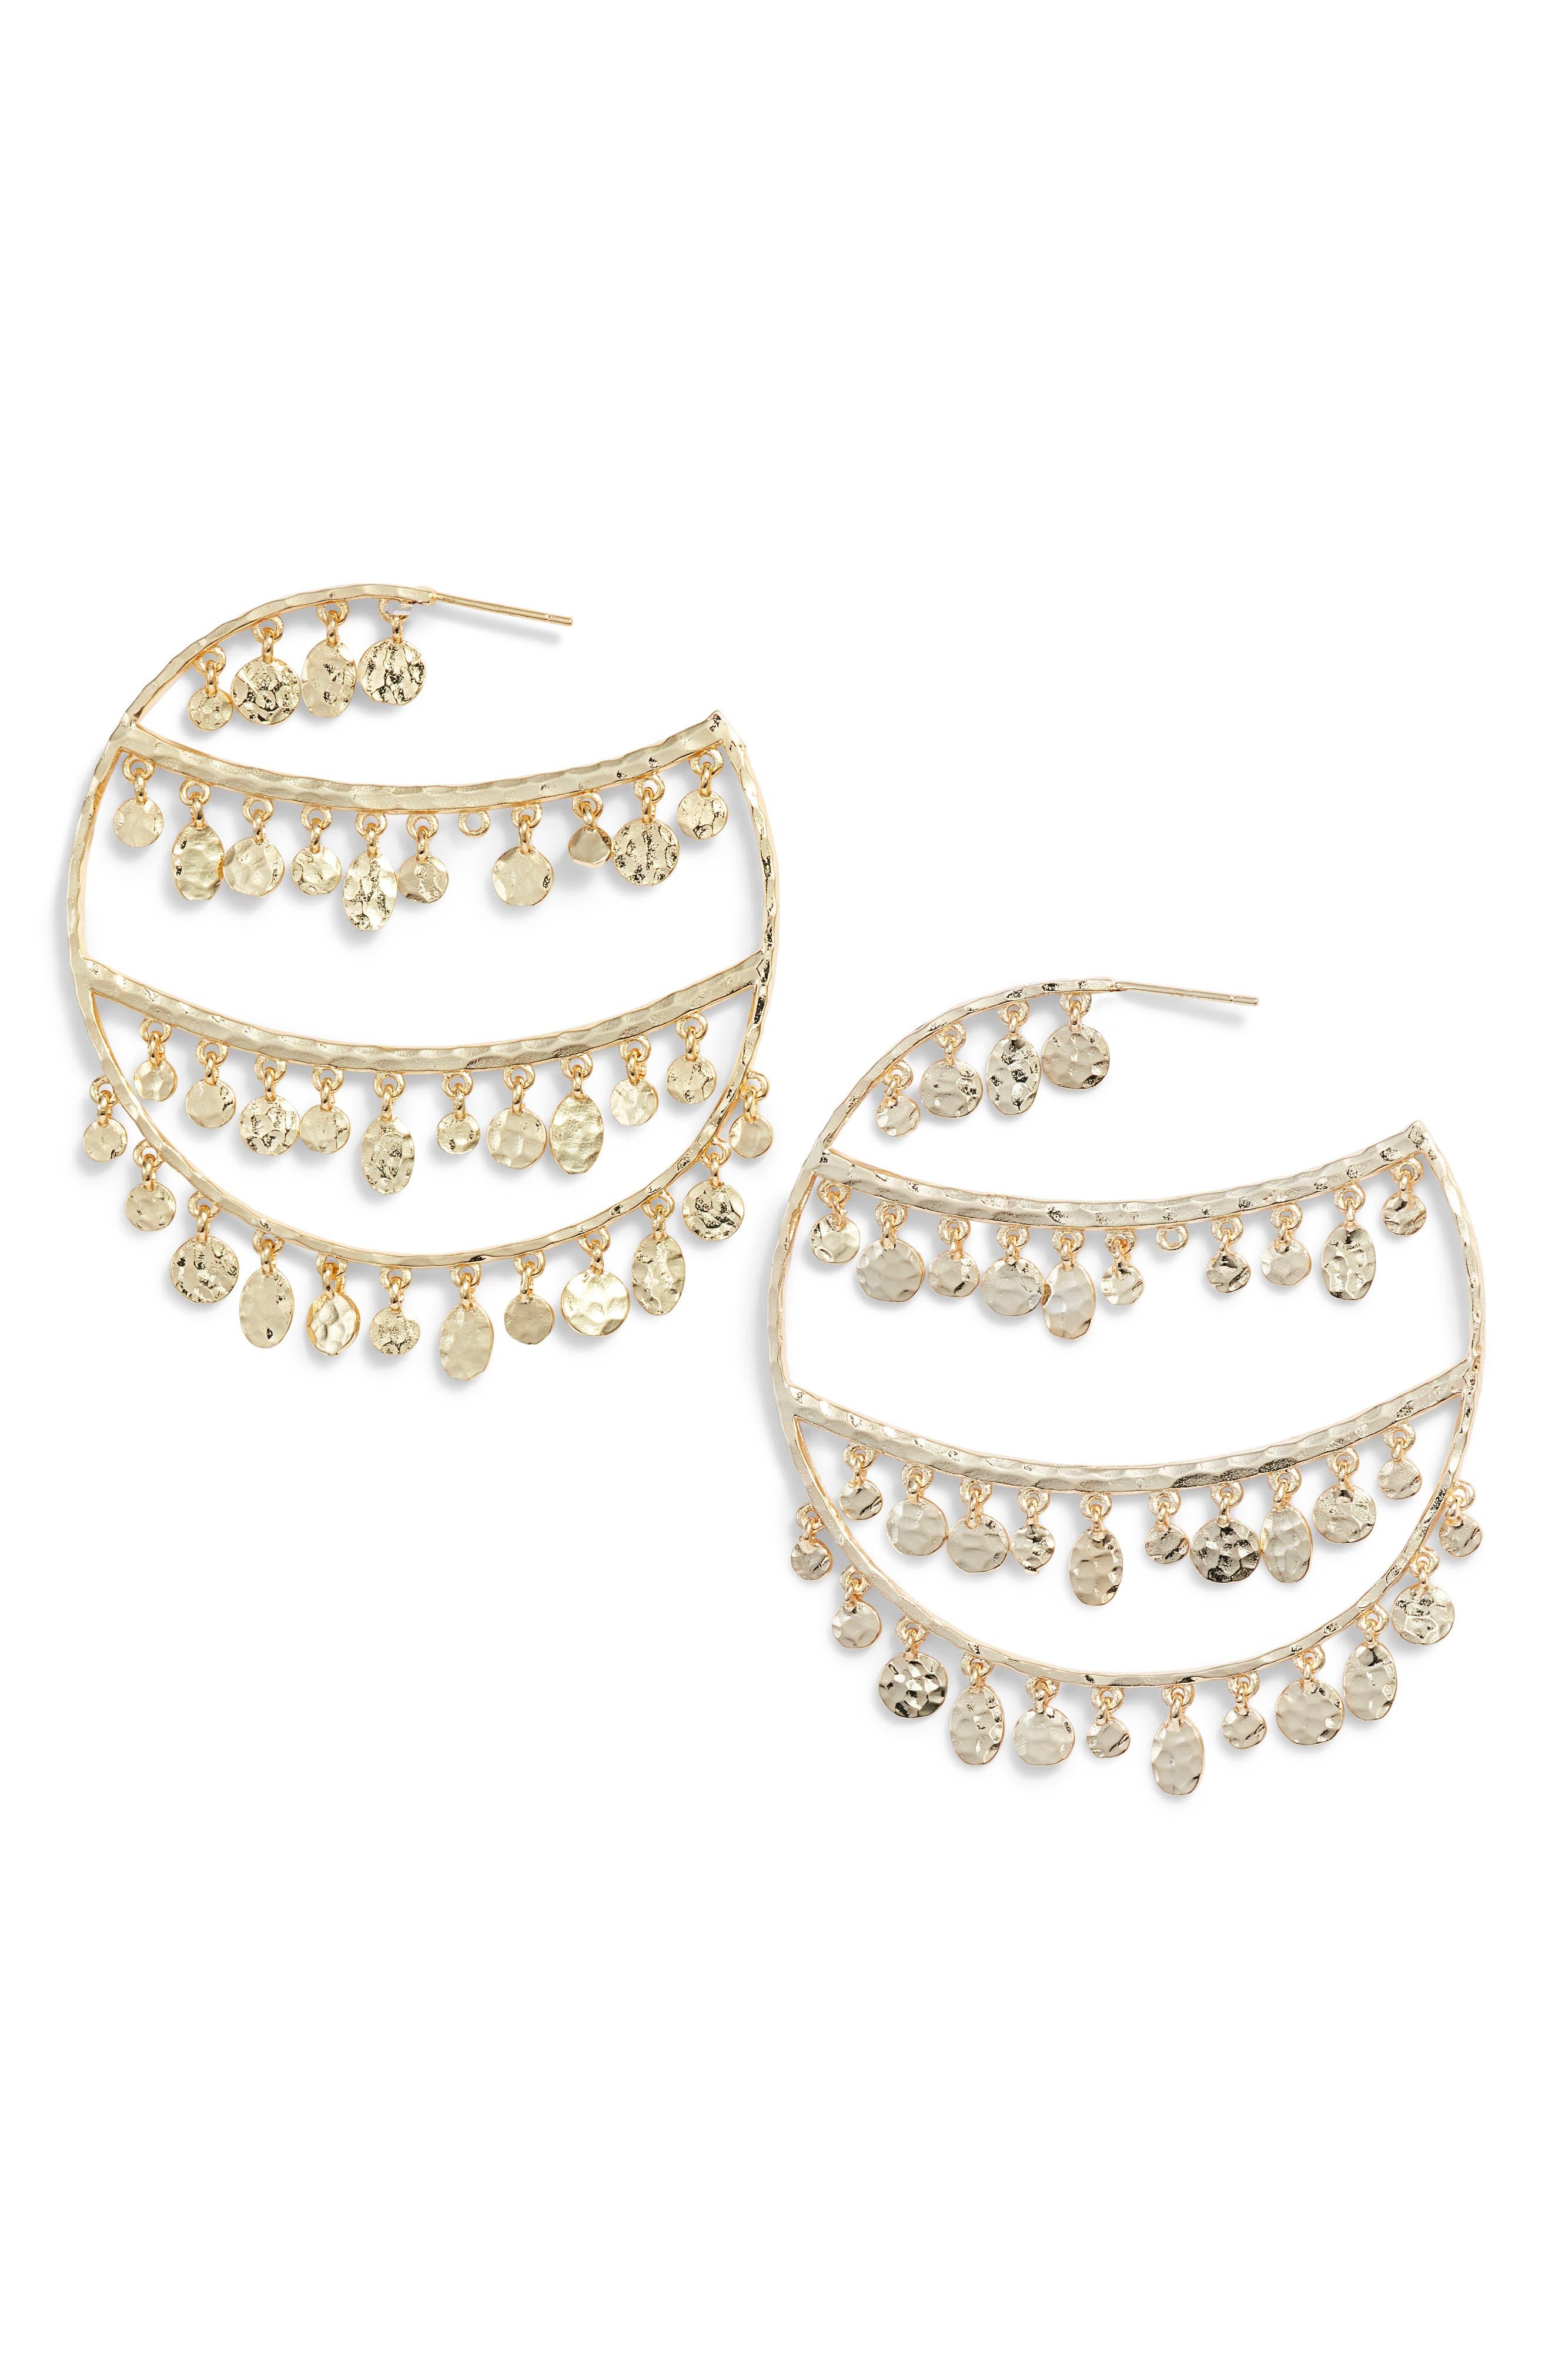 MELINDA MARIA Rochelle Hoop Earrings in Gold